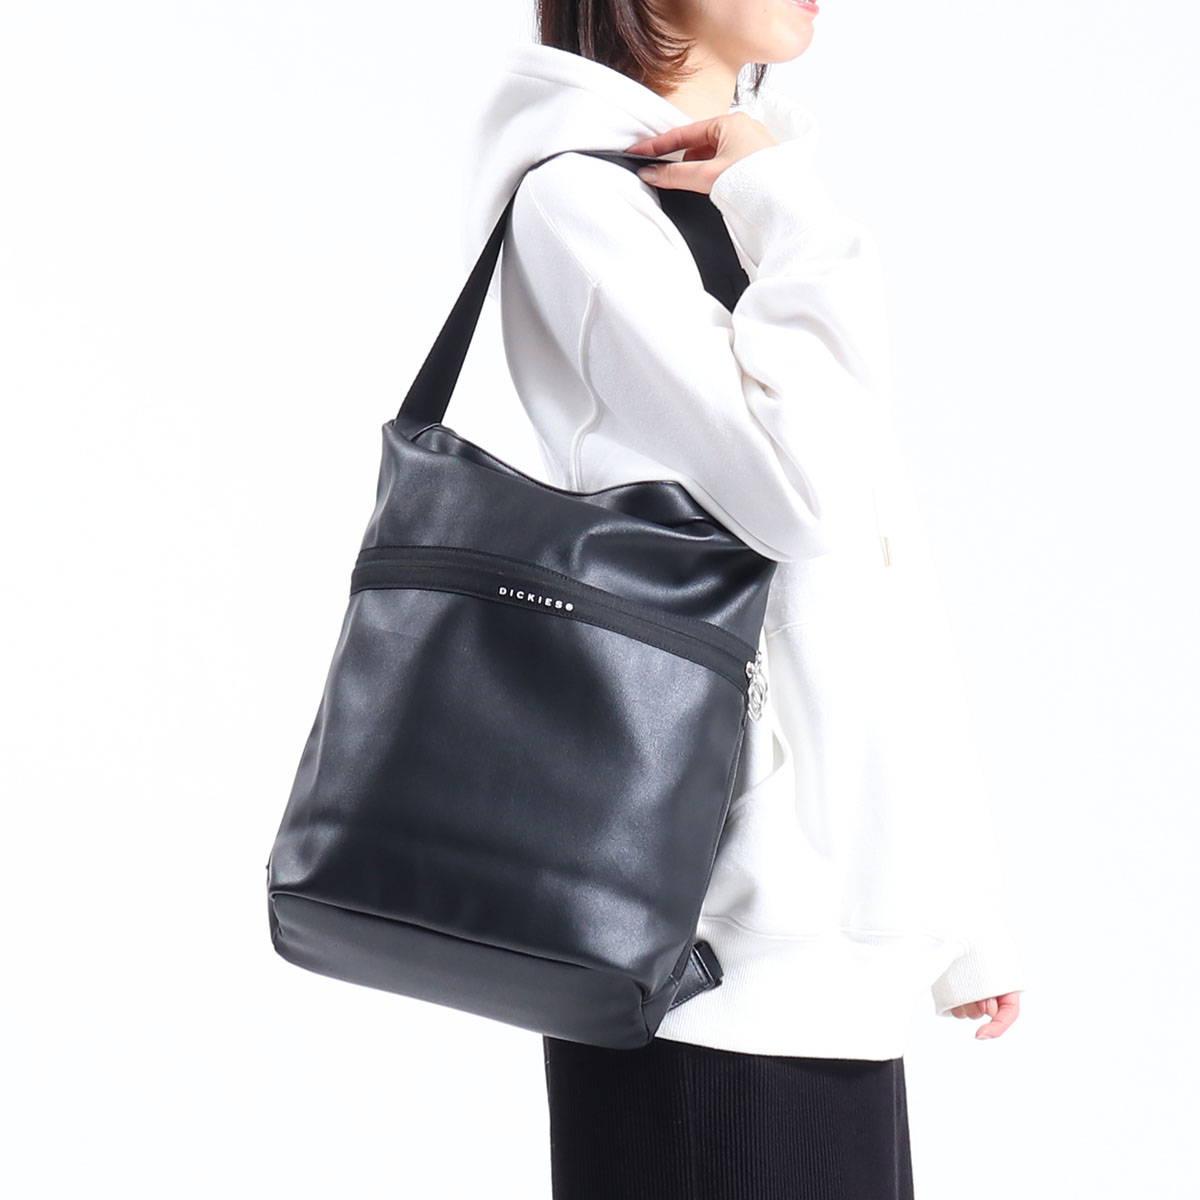 日本Galleria  /  Dickies SYNTHETIC LEATHER 2WAY BAG 休閒後背包  /  dic0031  /  日本必買 日本樂天直送(6490) /  件件含運 6